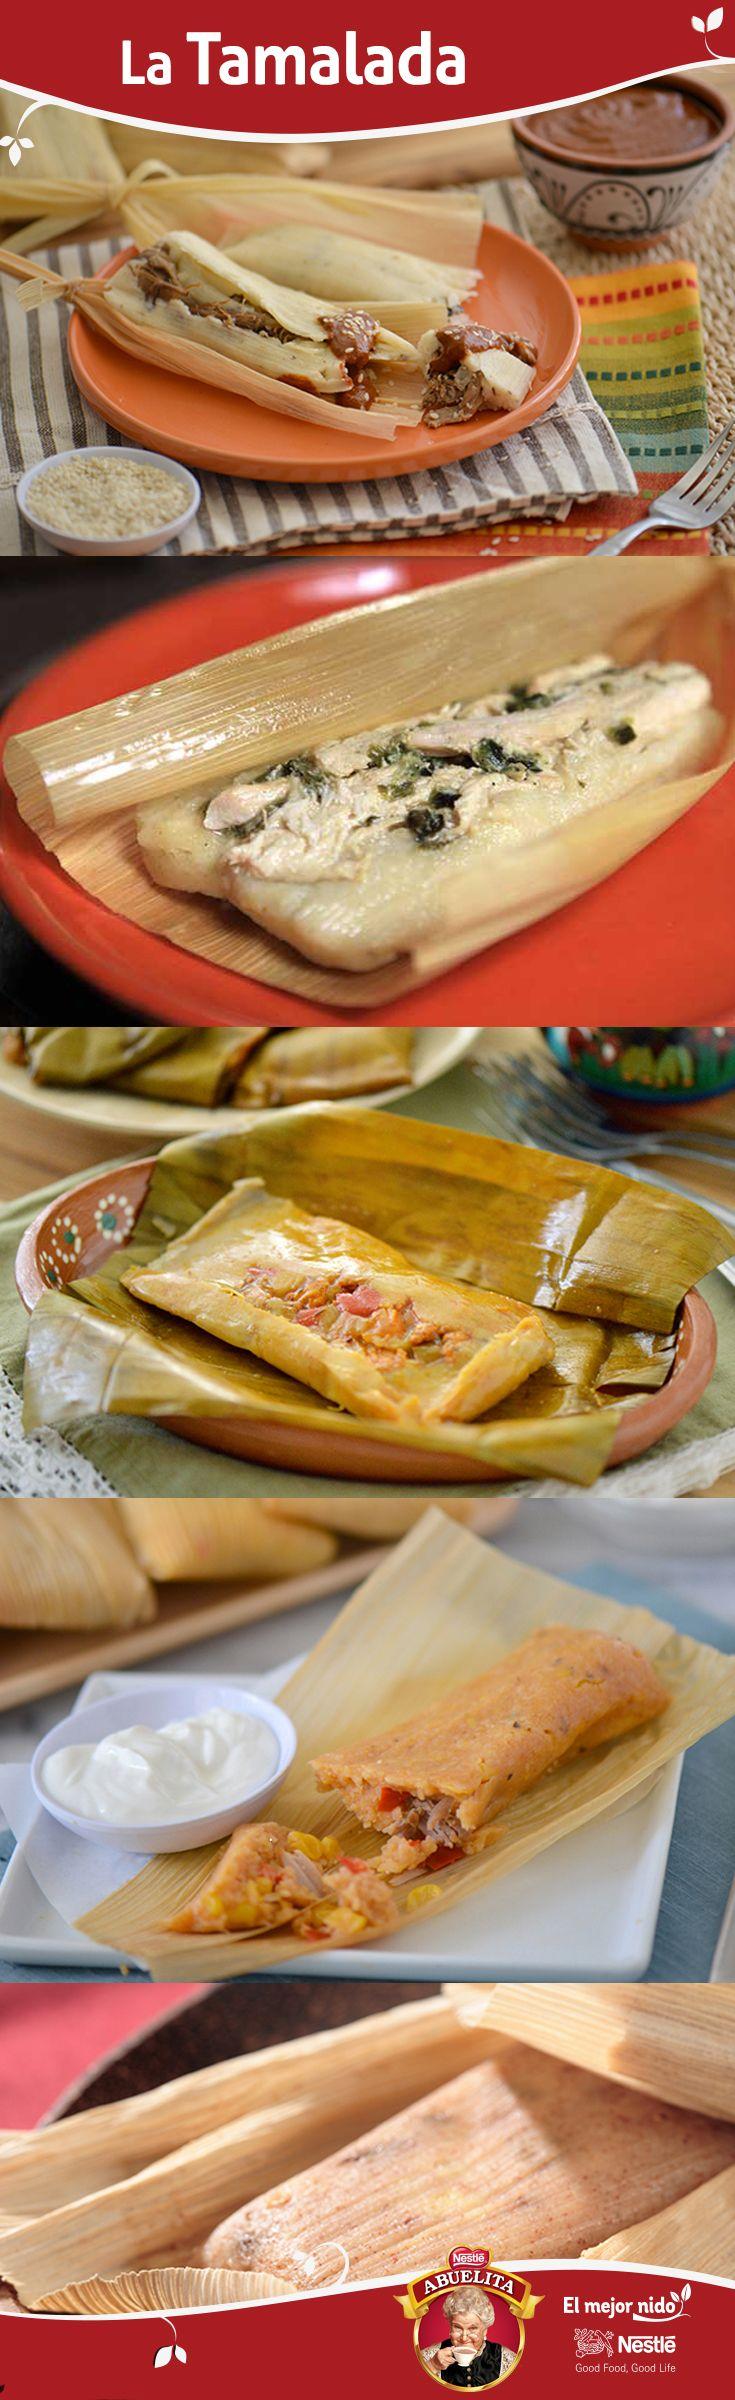 Prepara el sabor de tu cultura siguiendo esta guía de recetas de tamales de Puerto Rico, Cuba, México, Bolivia, etc. ¡Este plato tradicional no puede faltar en tu Nochebuena!